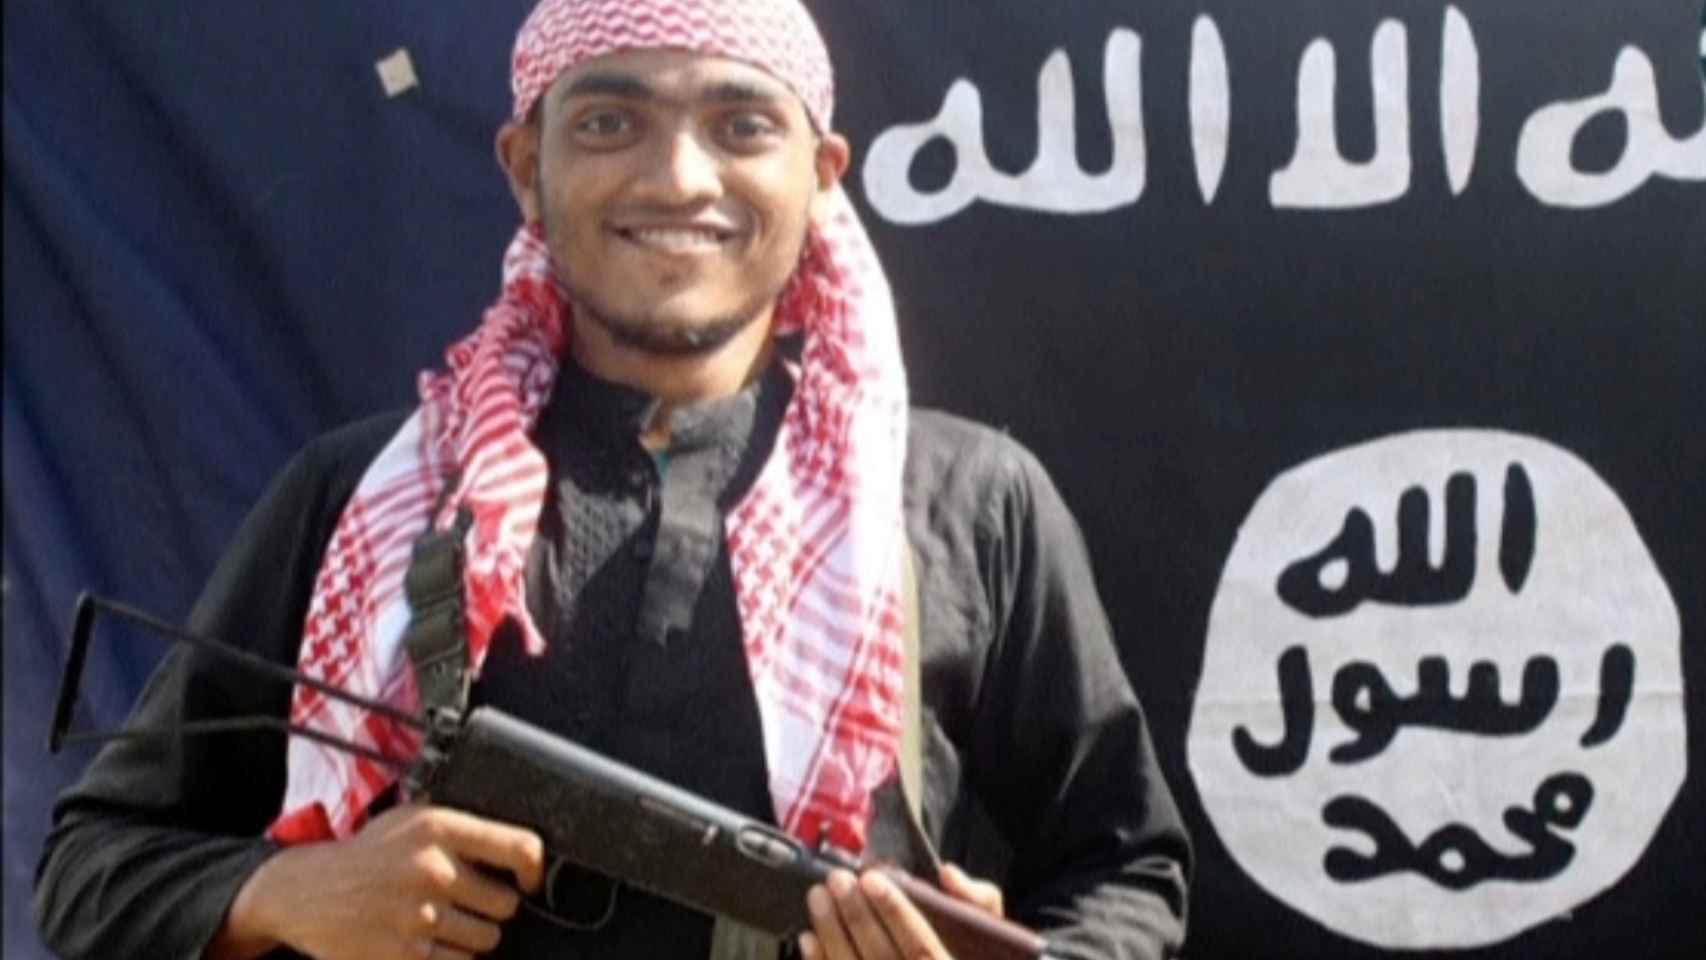 Captura de un vídeo difundido por el Estado Islámico.